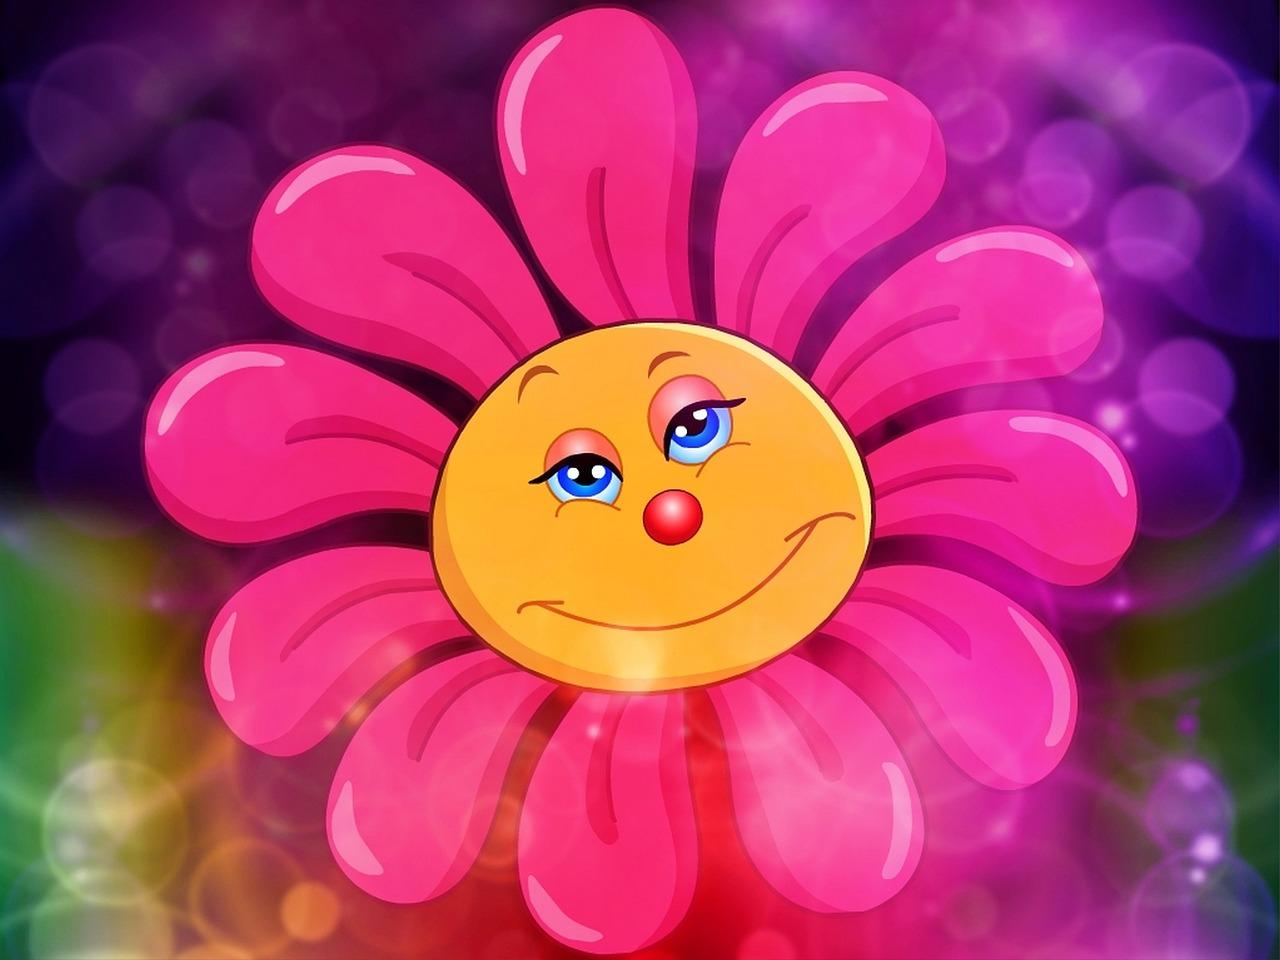 Картинки прикольные цветочки, поздравления днем